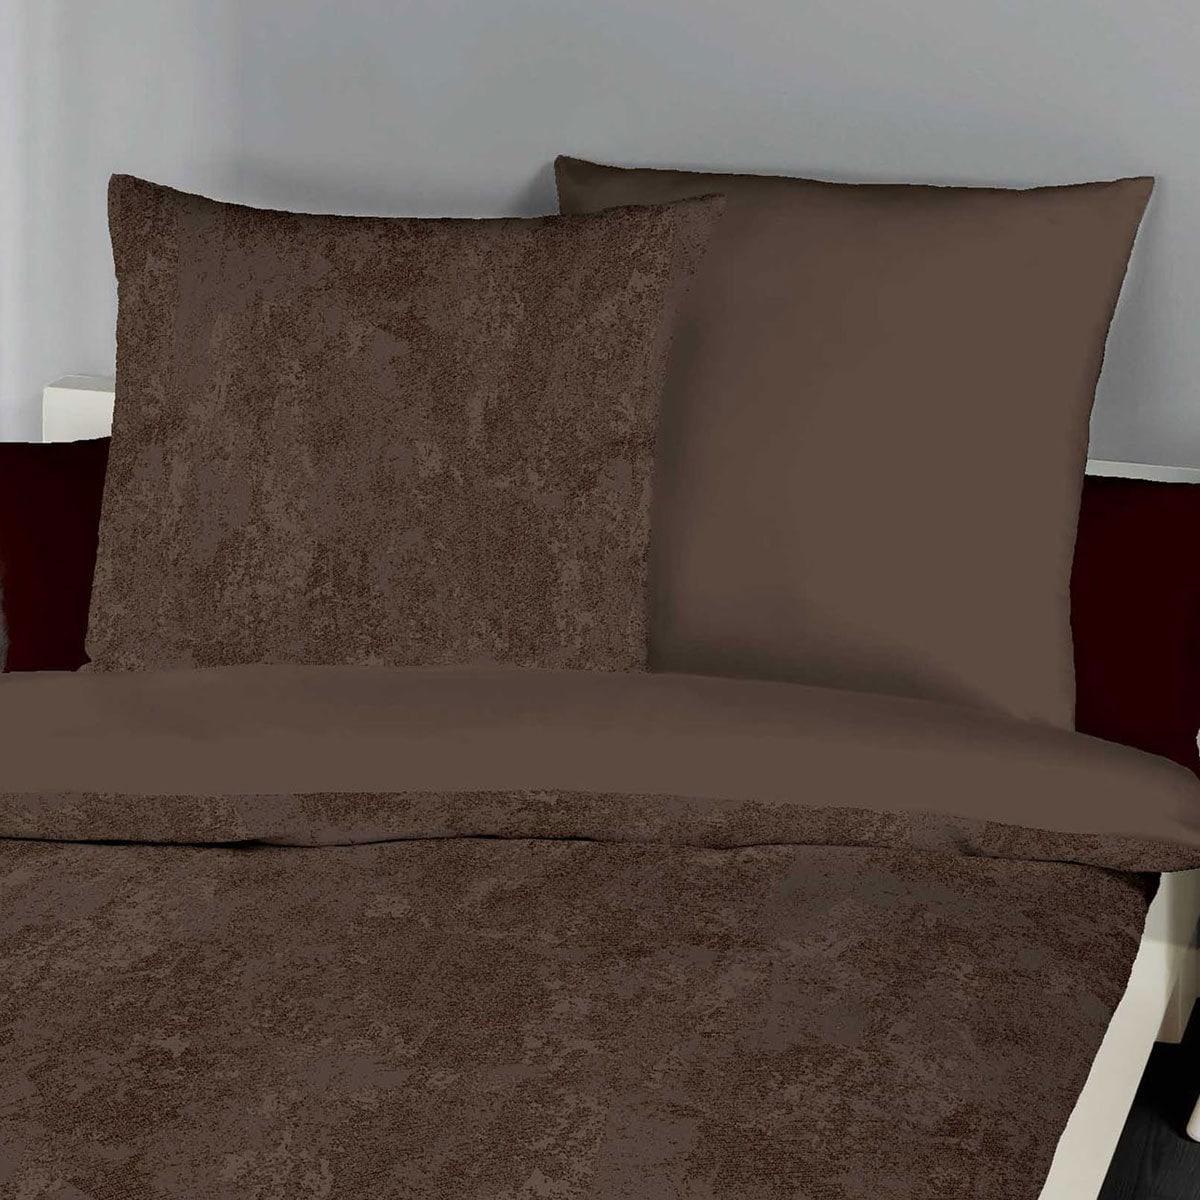 traumschlaf biber wendebettw sche texture braun g nstig online kaufen bei bettwaren shop. Black Bedroom Furniture Sets. Home Design Ideas